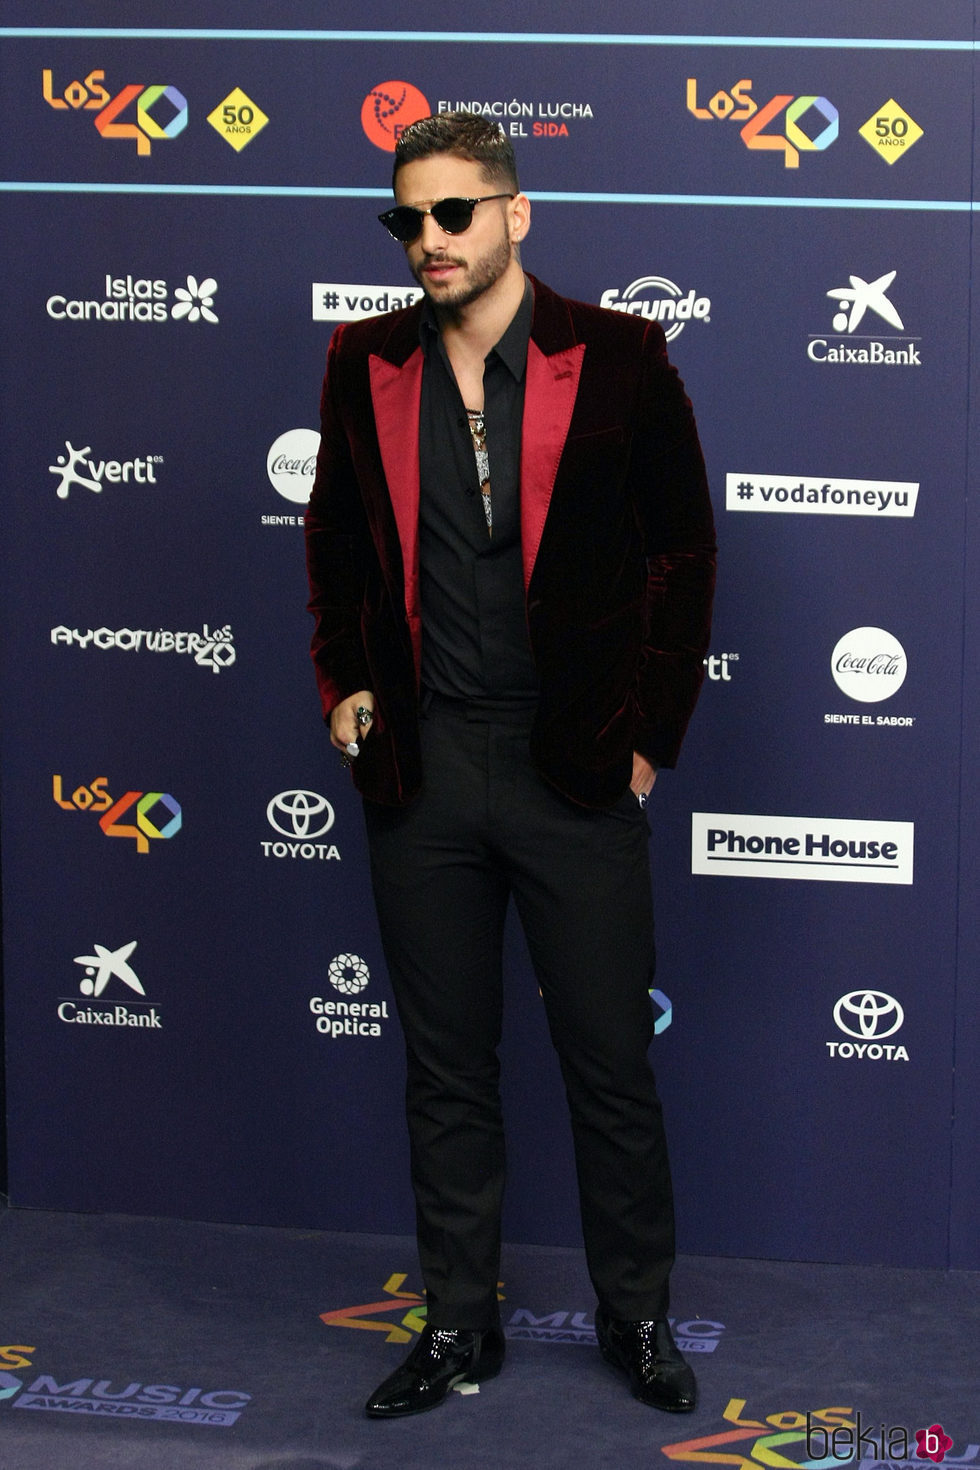 Maluma en Los40 Music Awards 2016